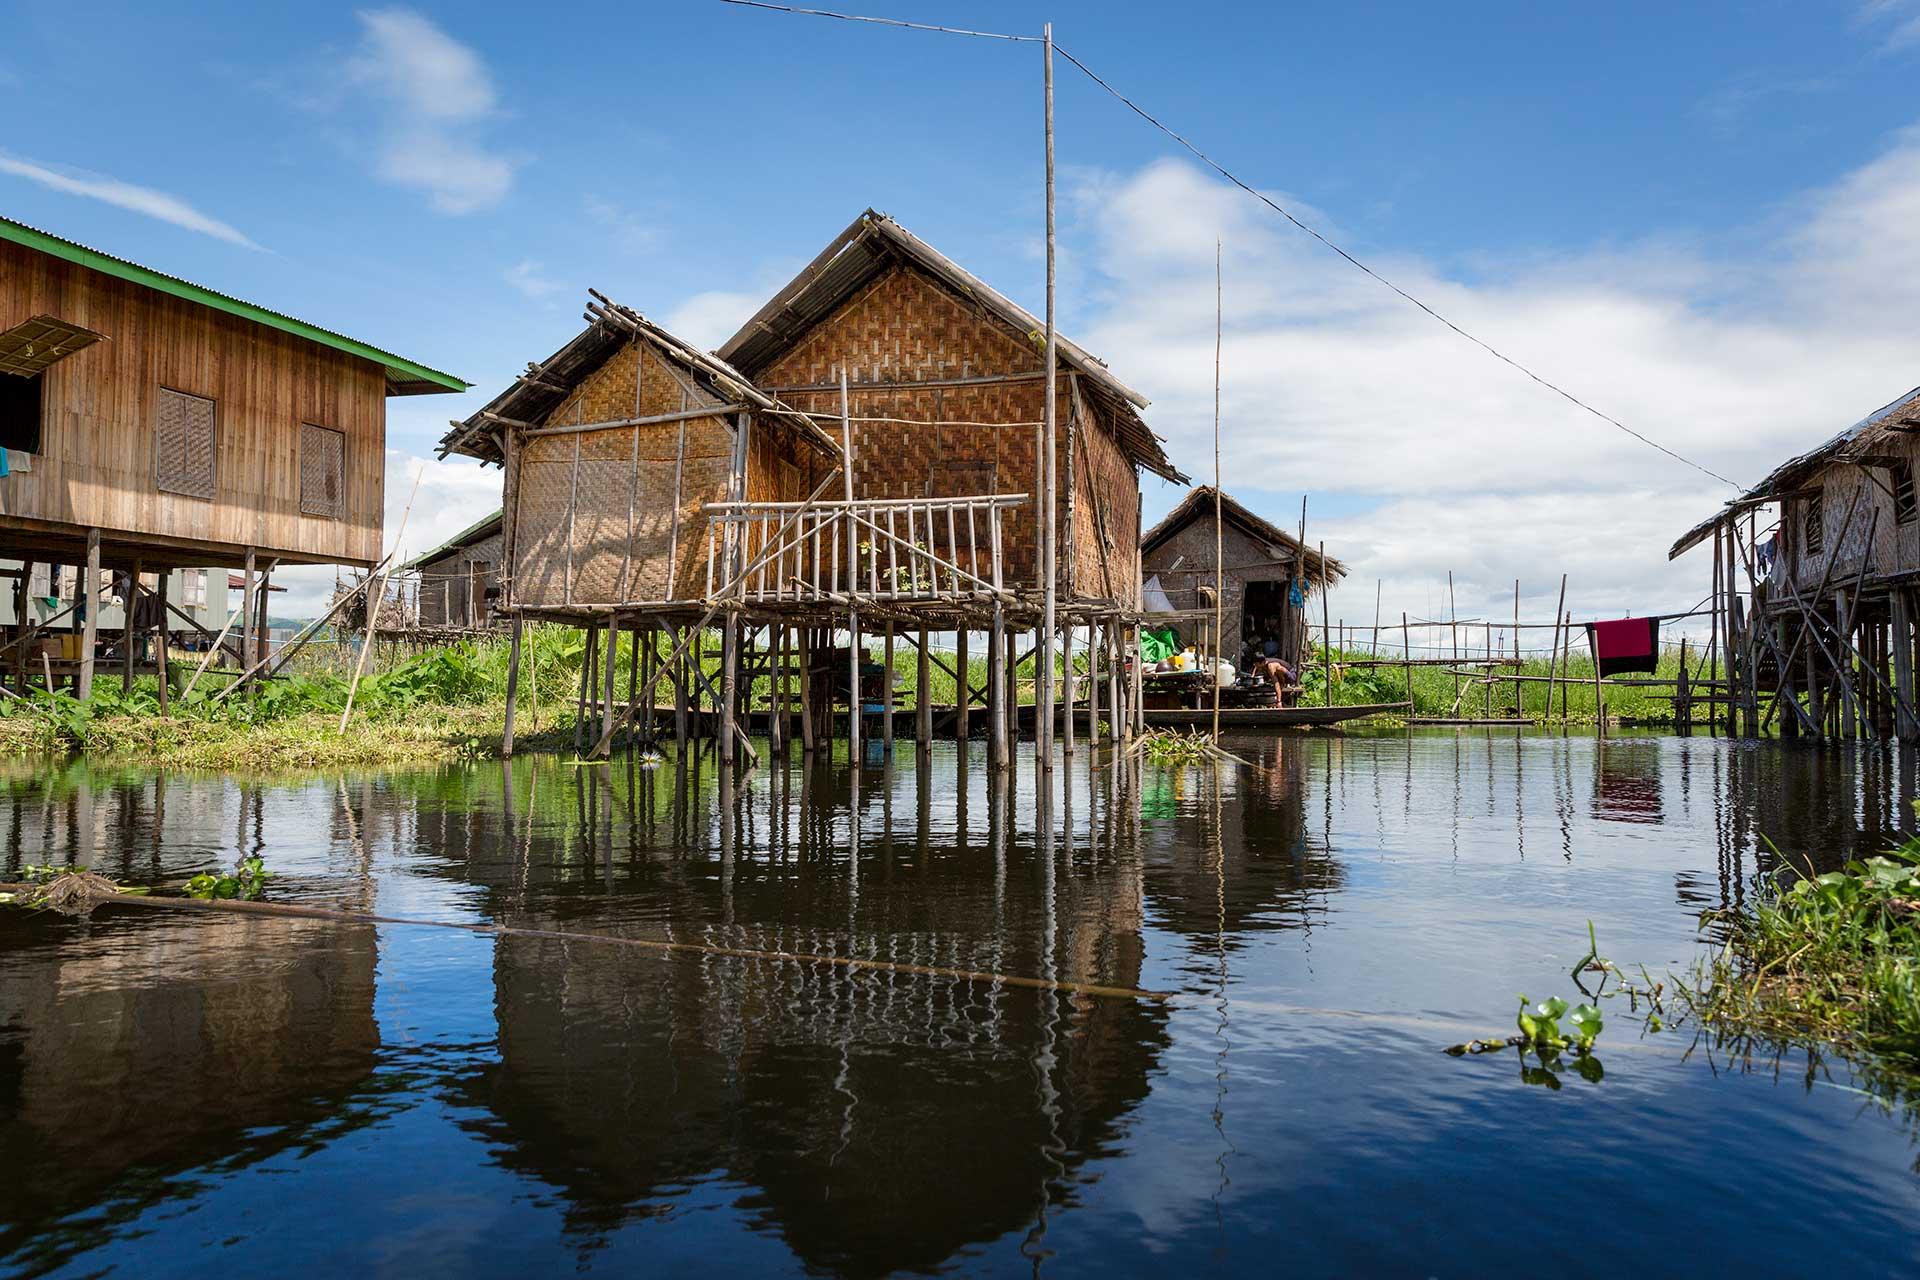 viaje-fotografico-birmania-myanmar